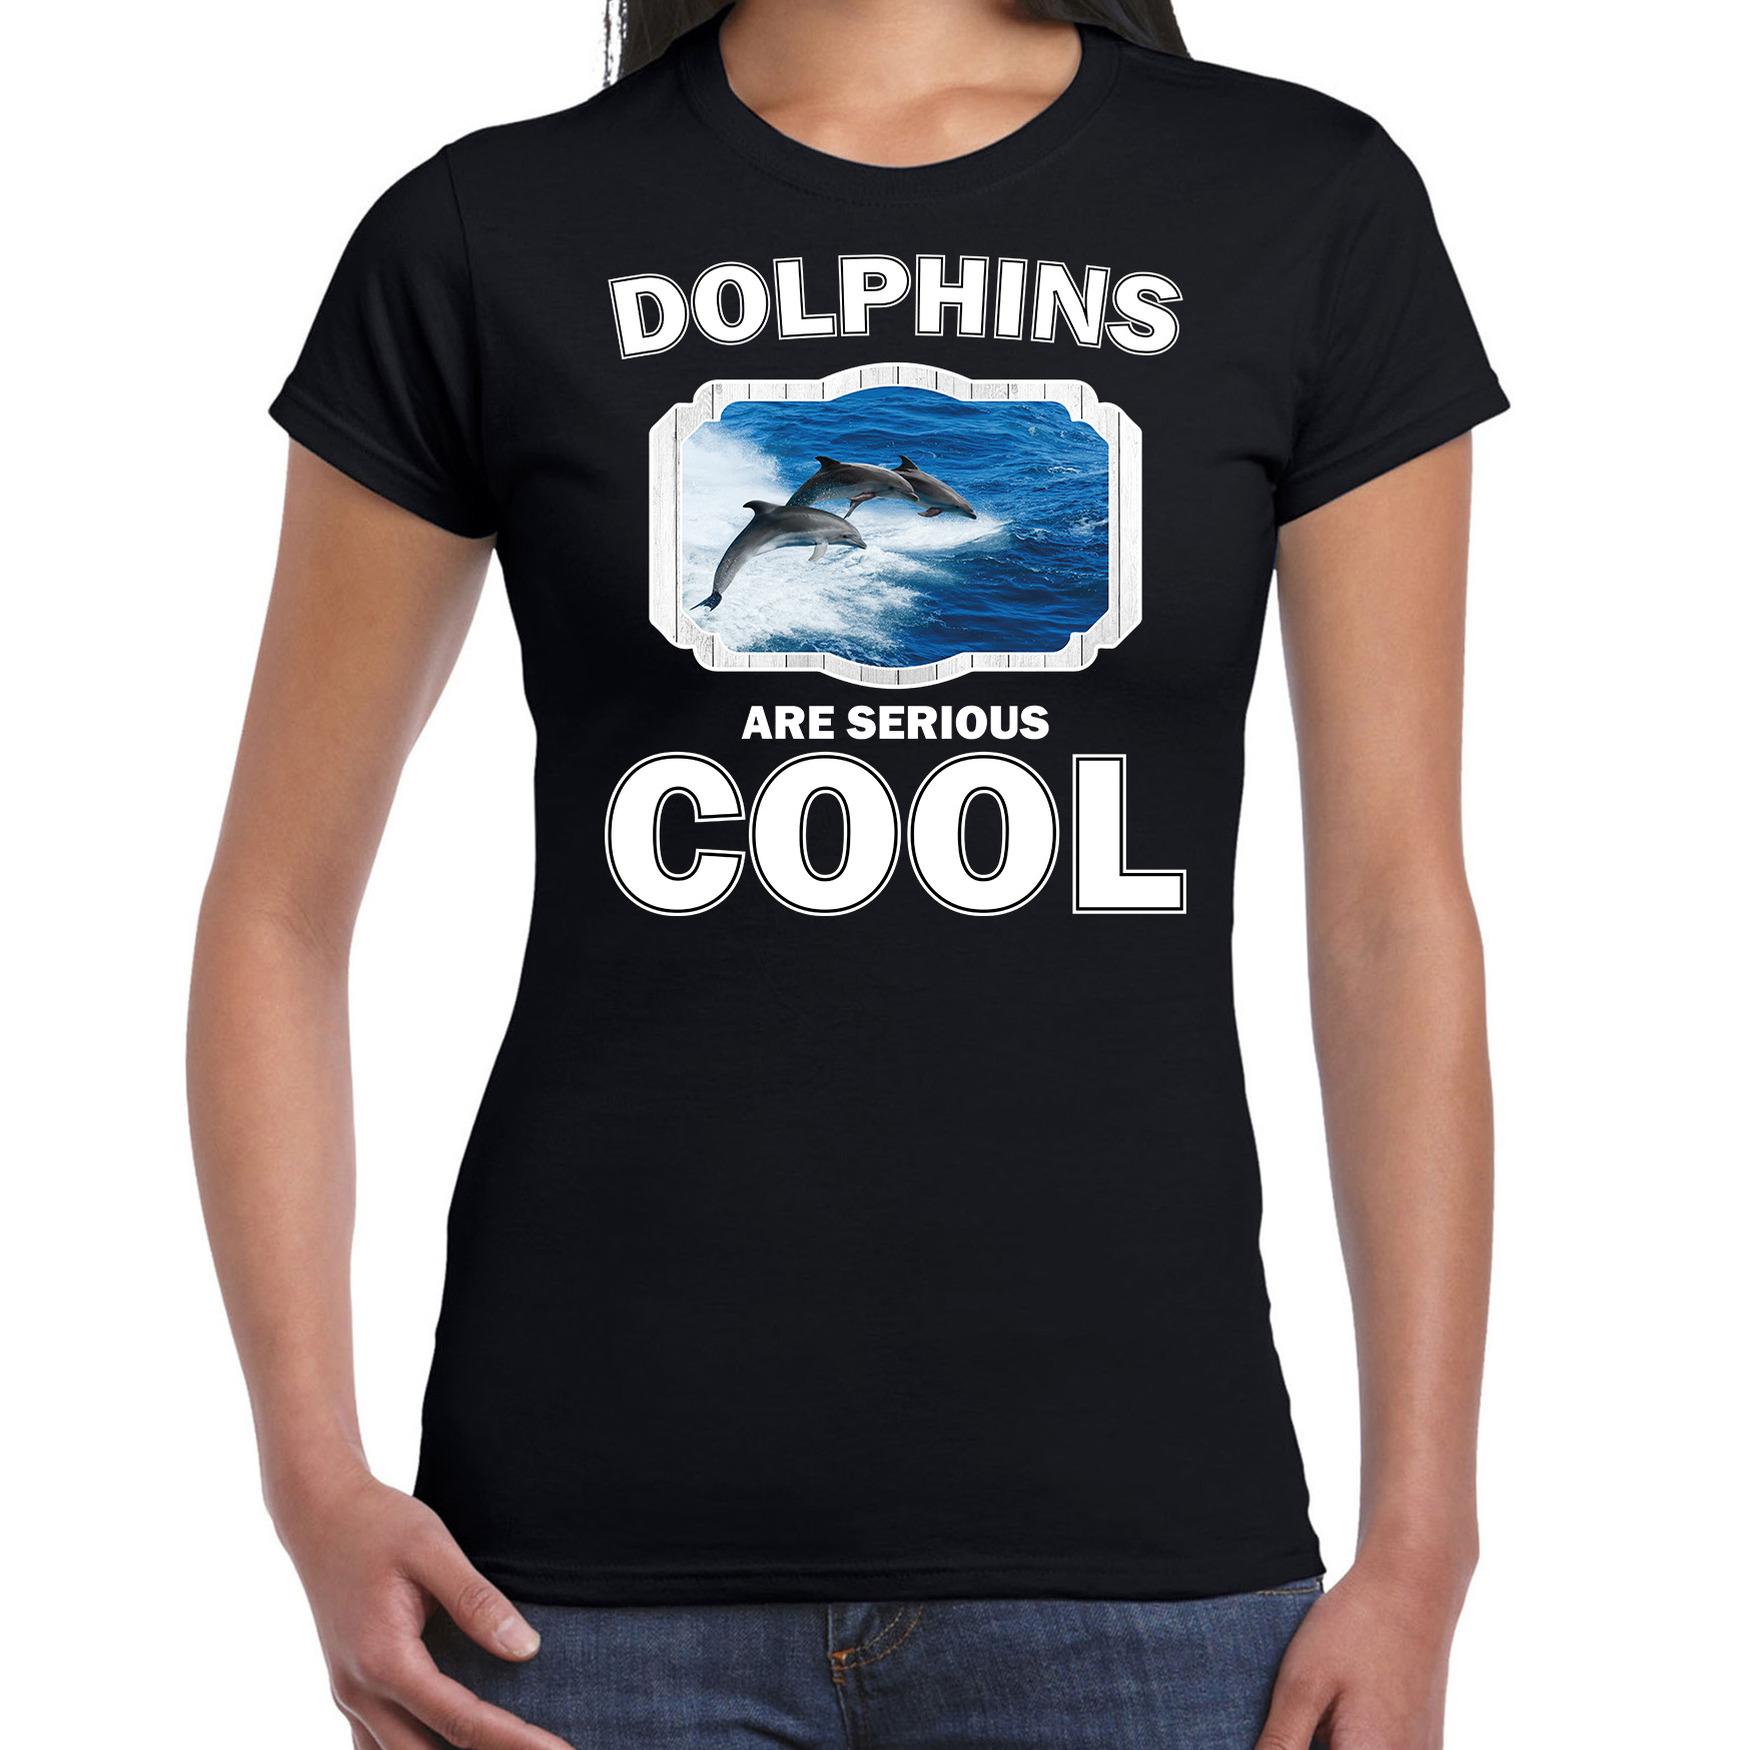 T-shirt dolphins are serious cool zwart dames - dolfijnen/ dolfijn groep shirt